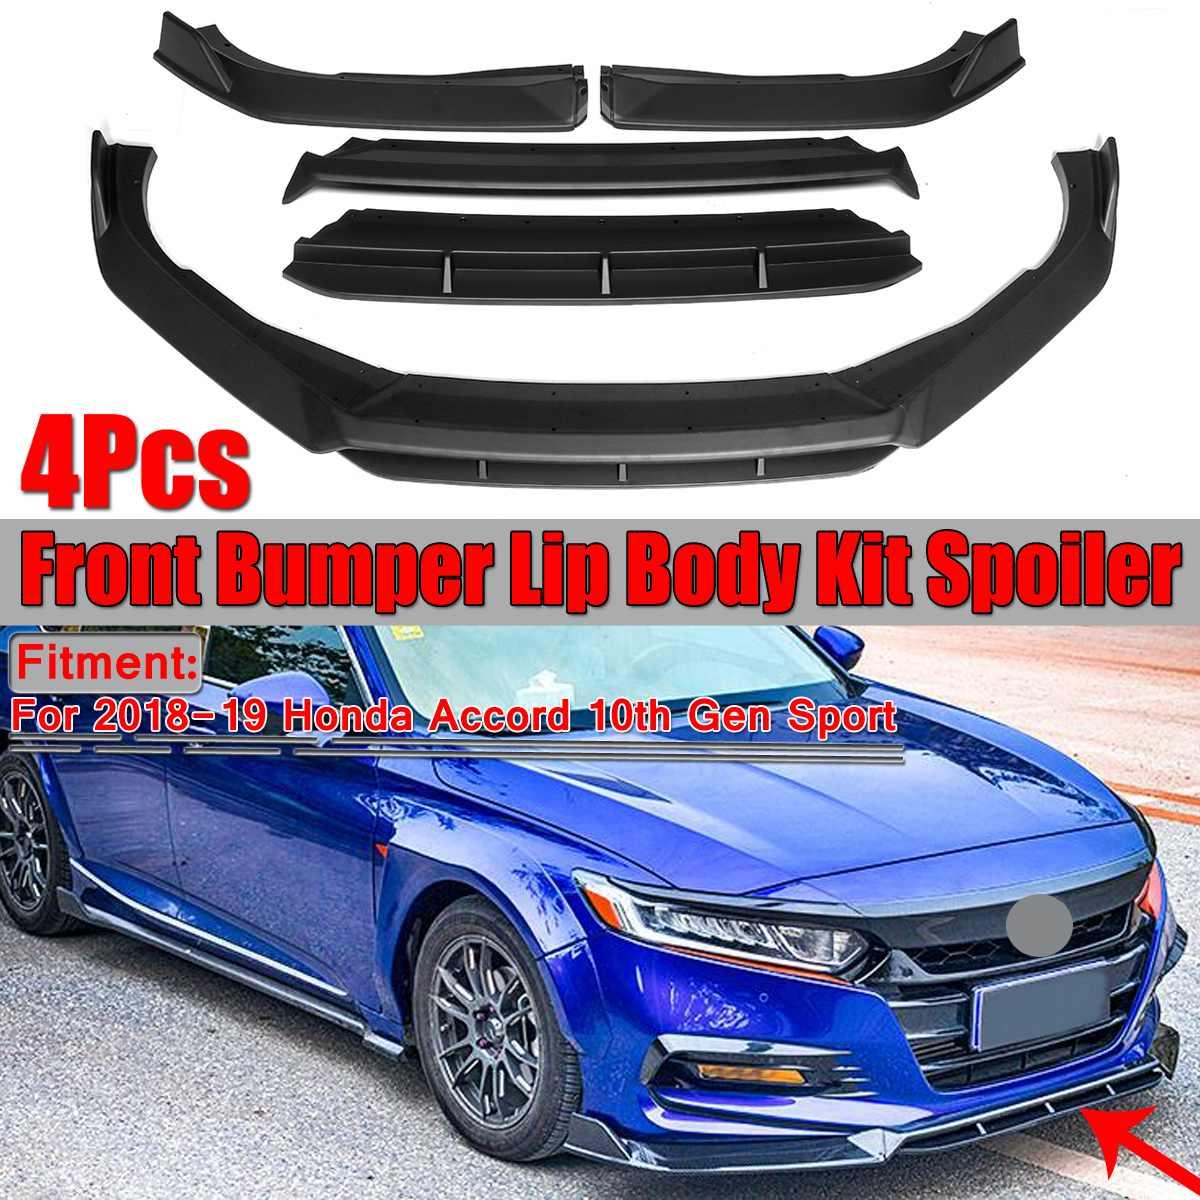 4 sztuka przedni zderzak samochodowy część rozdzielająca nakładki zderzaka Body Kit Spoiler Splitter przedni spojler zderzaka dla Honda Accord 10th 2018 2019 Gen Sport